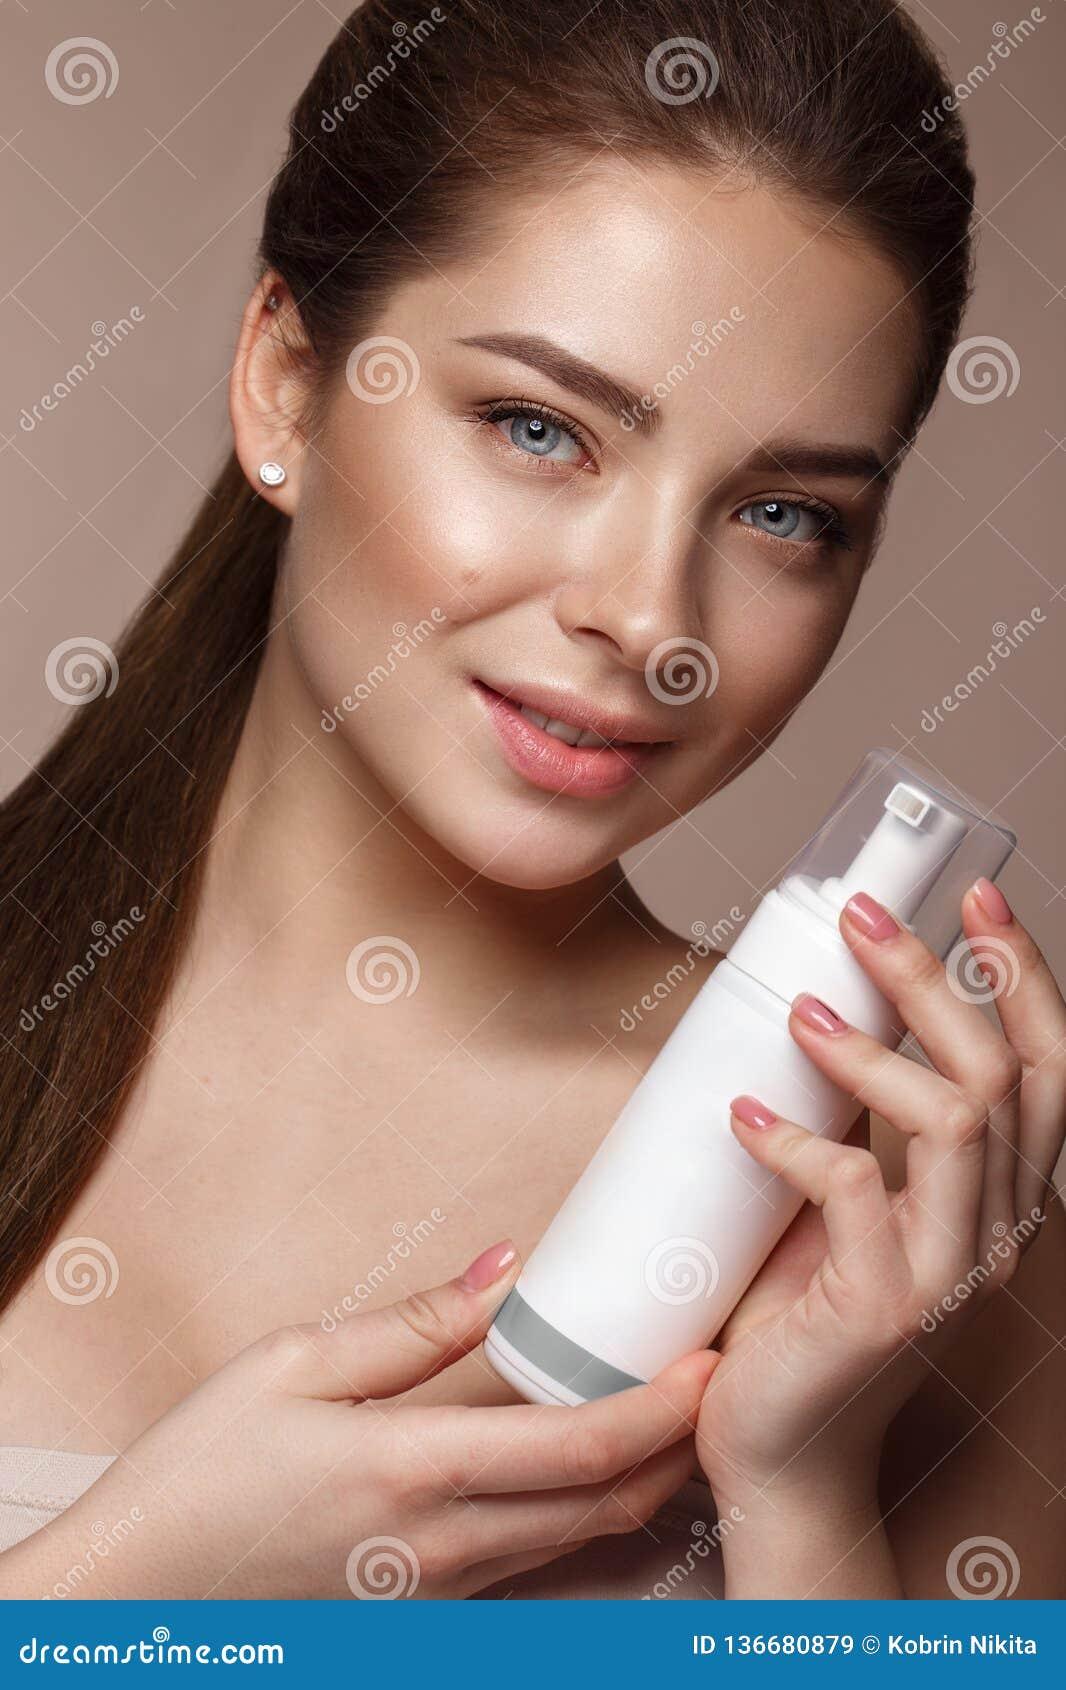 Mooi jong meisje met natuurlijke naakte samenstelling met schoonheidsmiddel in handen Het Gezicht van de schoonheid